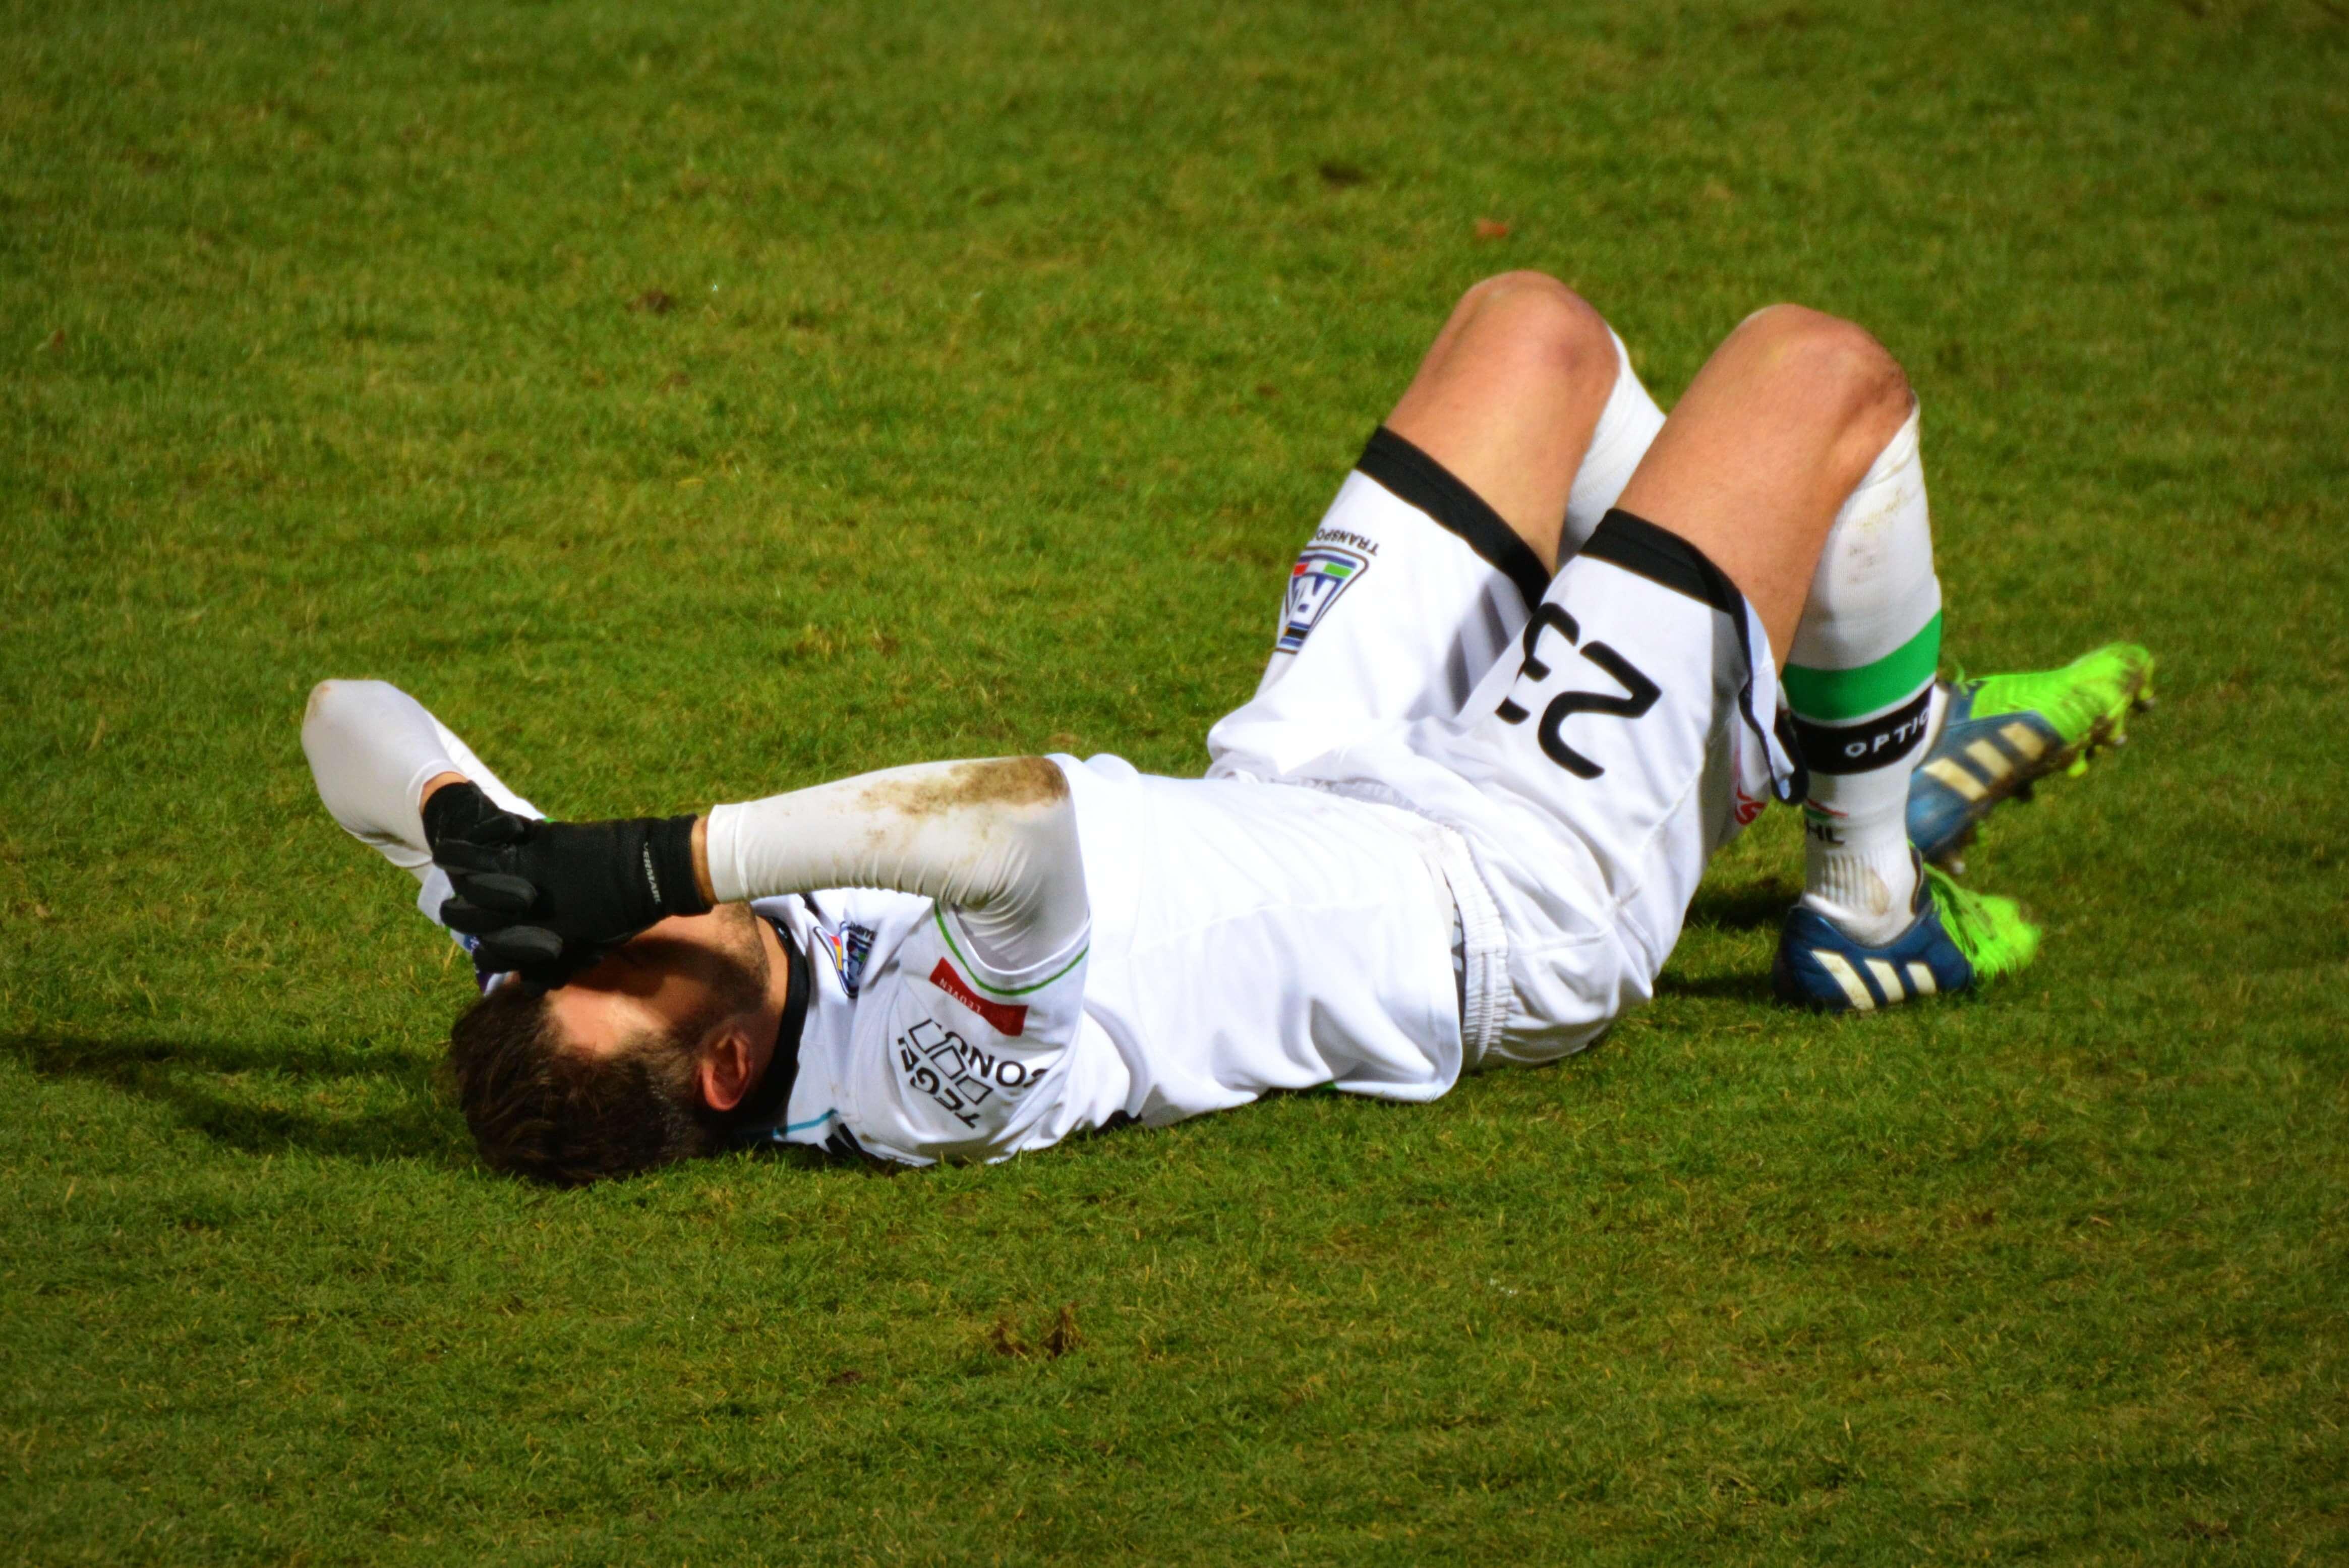 ピッチにで仰向けに寝込むサッカー選手